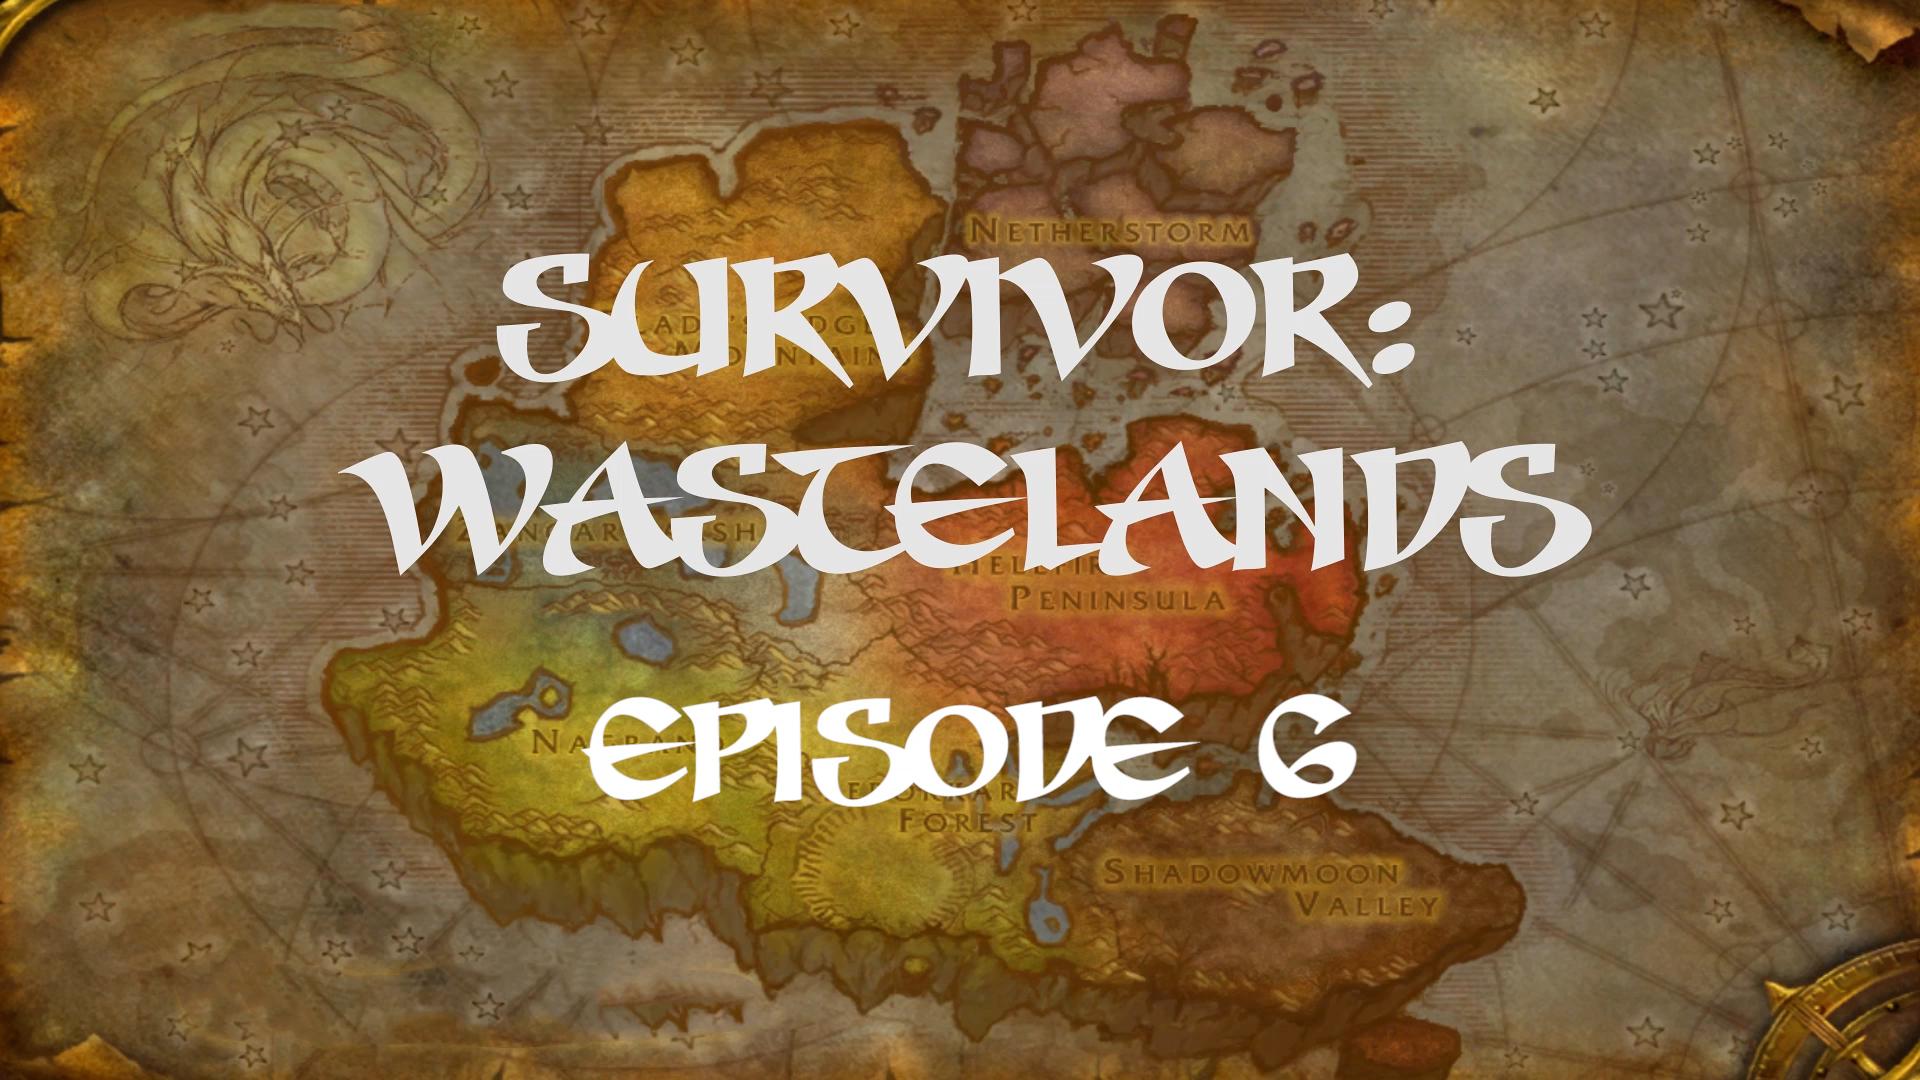 Survivor Wastelands Episode 6.jpg